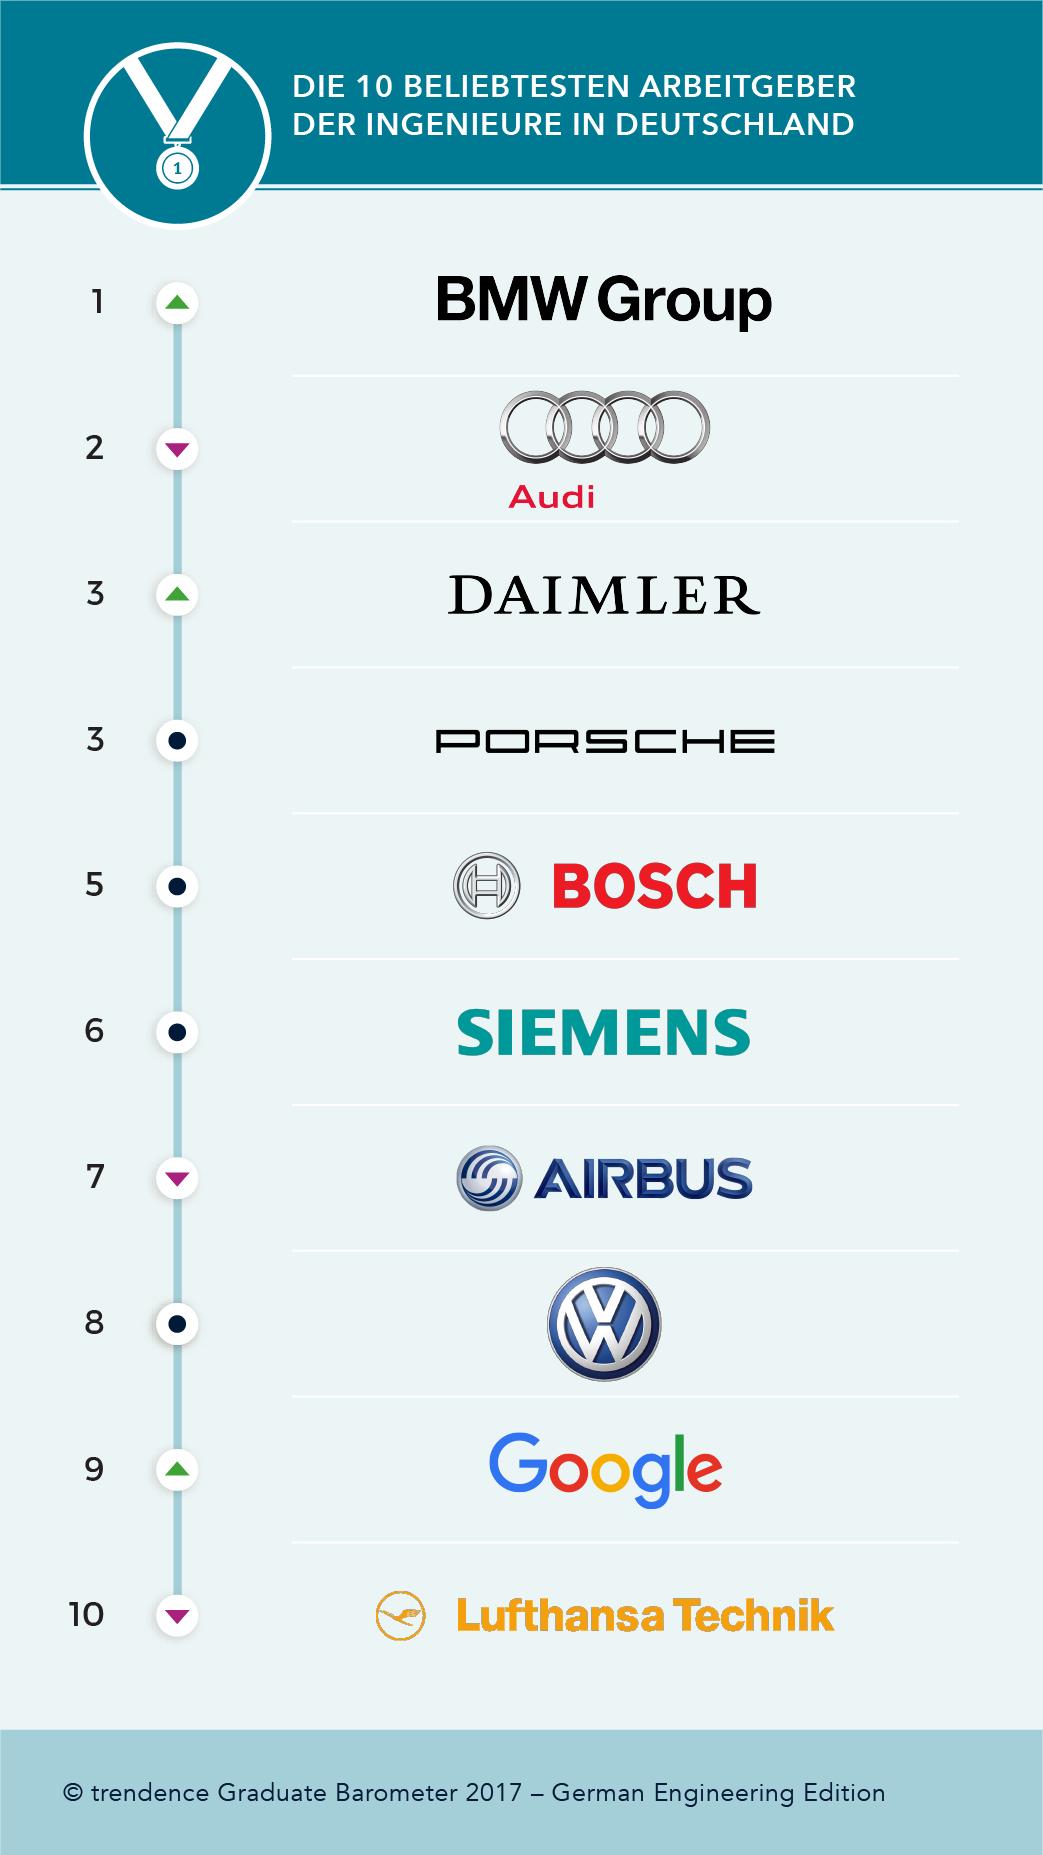 deutschlands-beste-arbeitgeber-2017-ingenieure